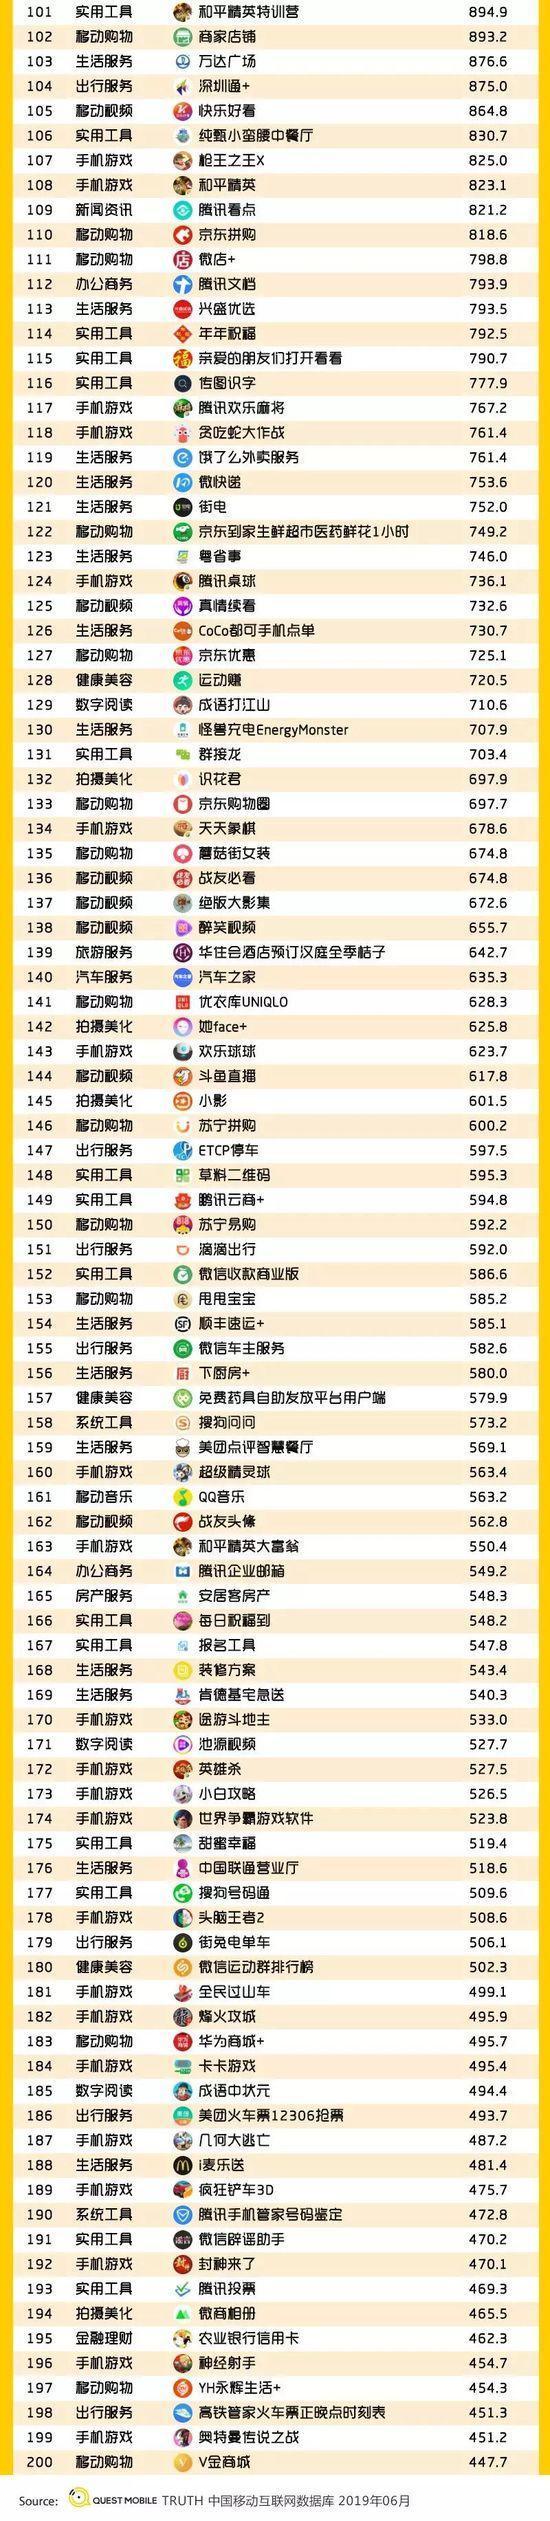 小程序2019半年报告:流量分食战打响,小程序时长留存双增长-CNMOAD 中文移动营销资讯 32